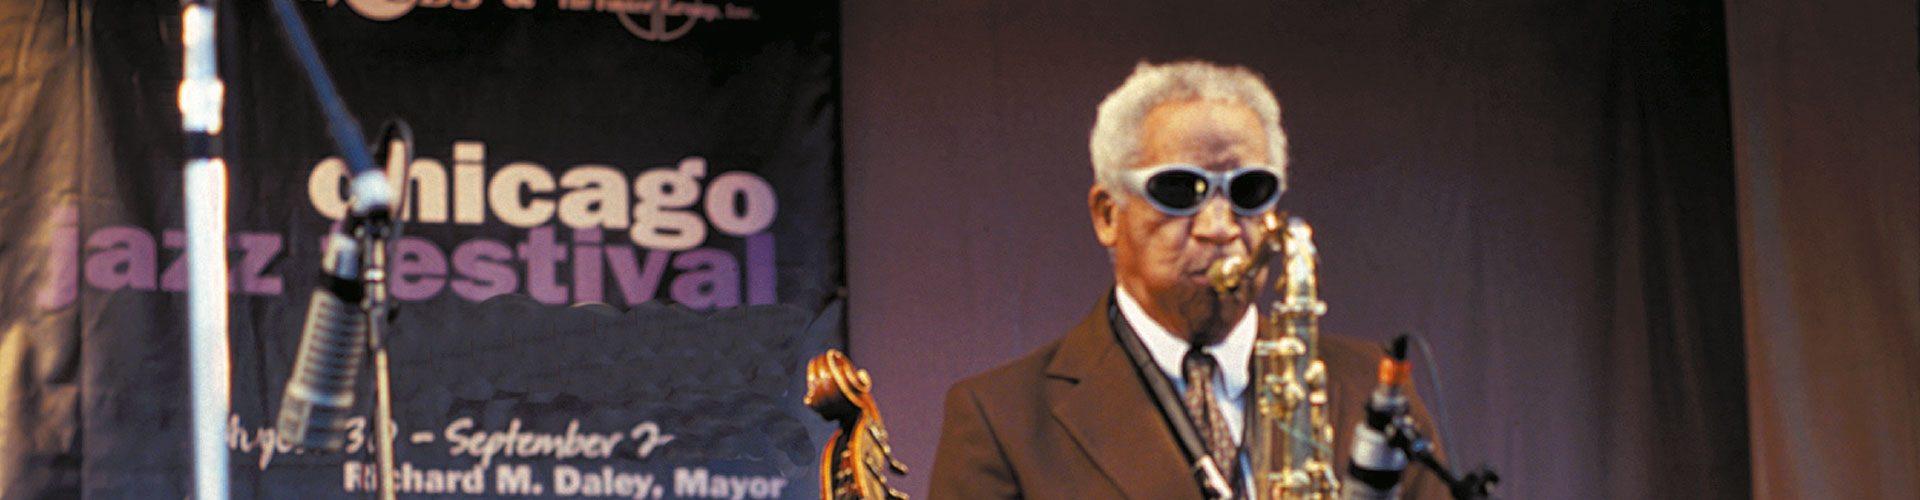 Jazzfestival in Chicago